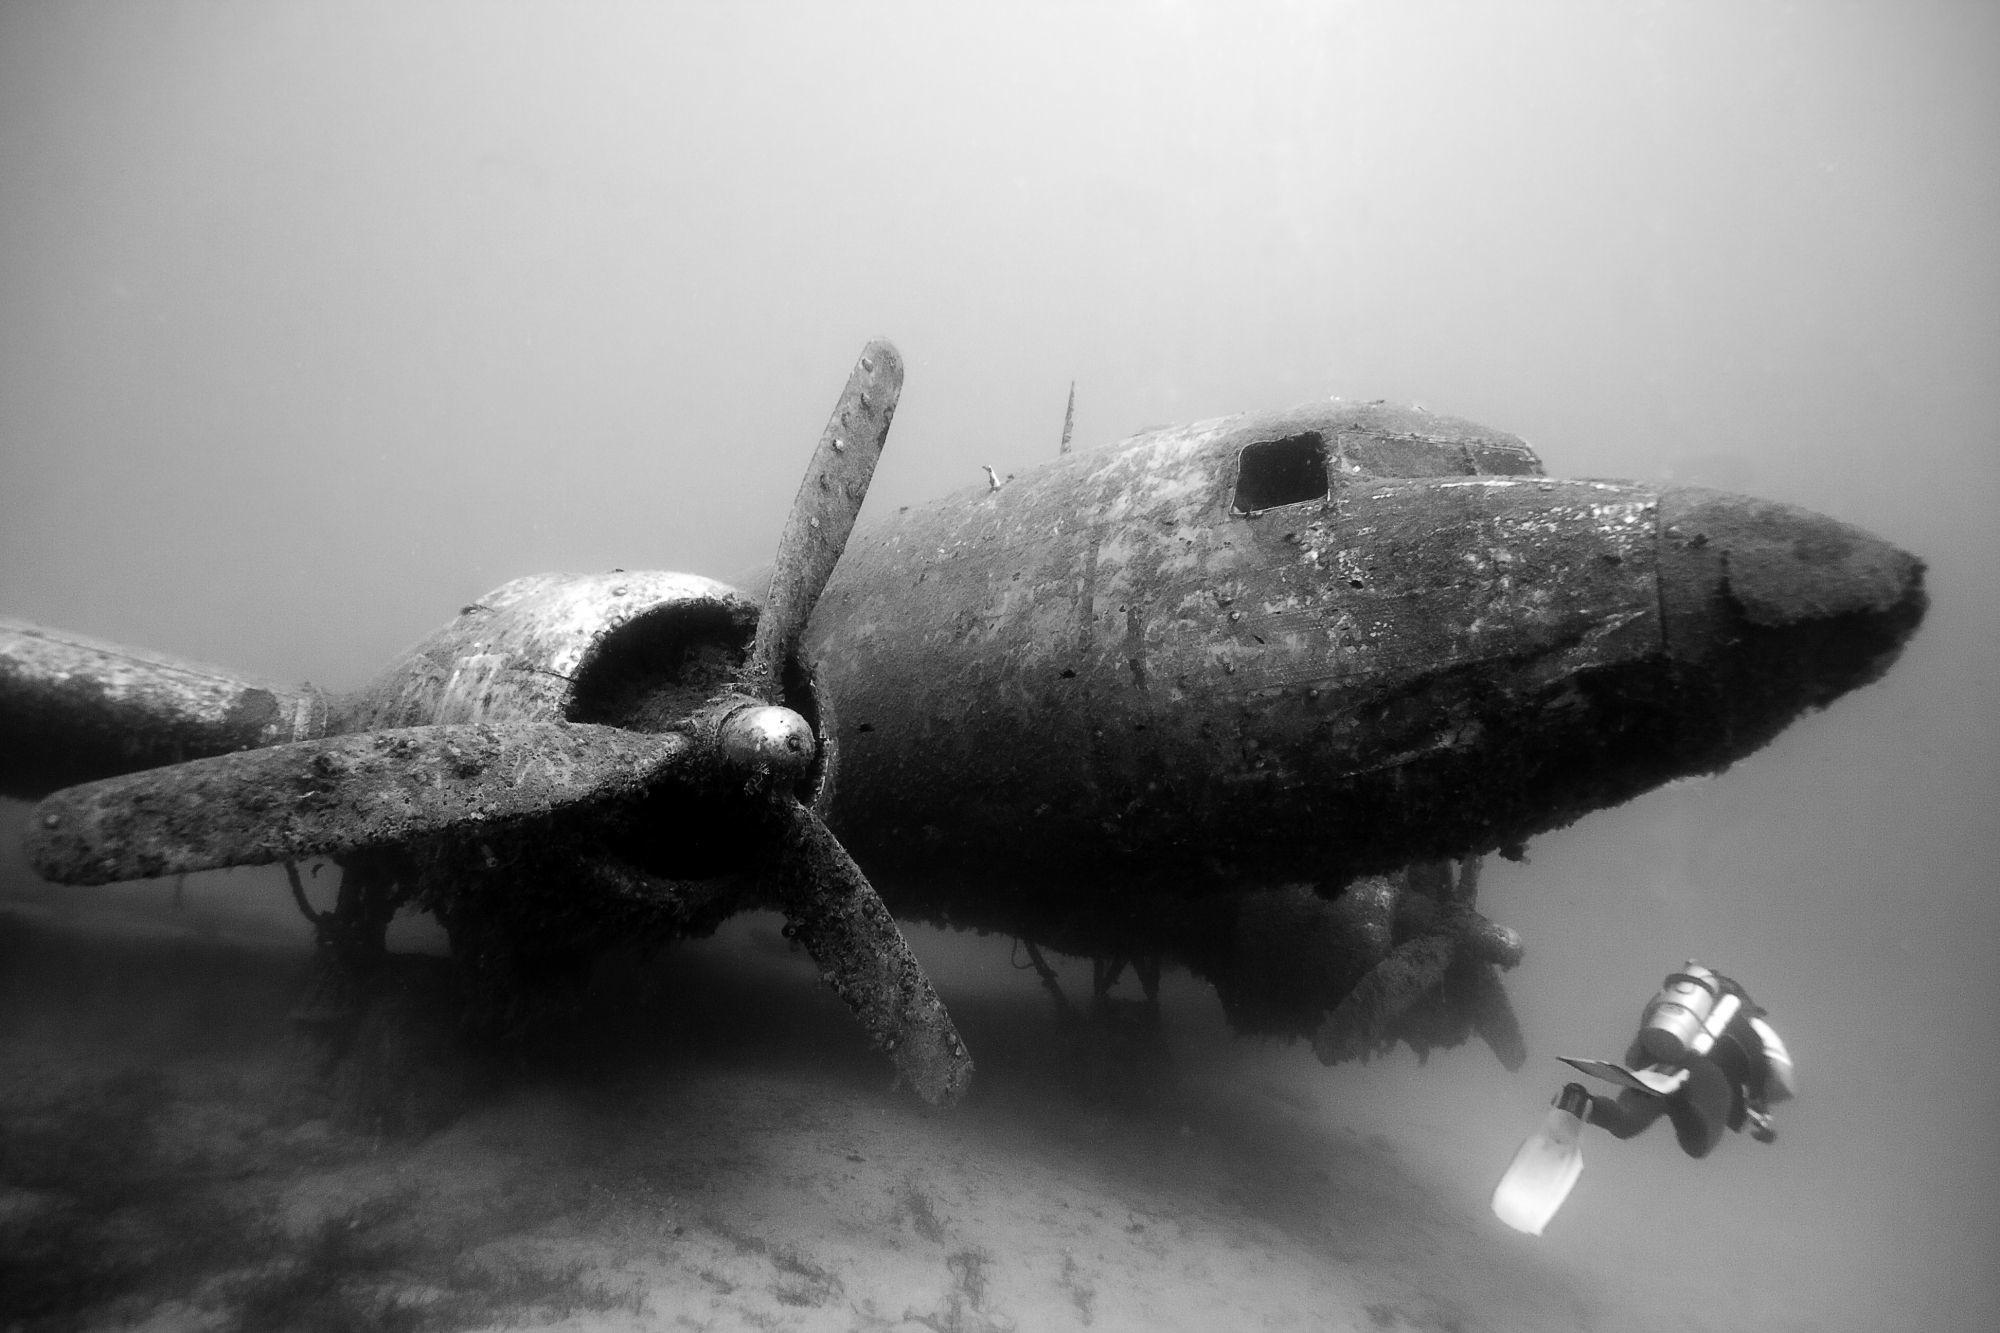 Abandoned. Ww2 PlanesUnderwater …